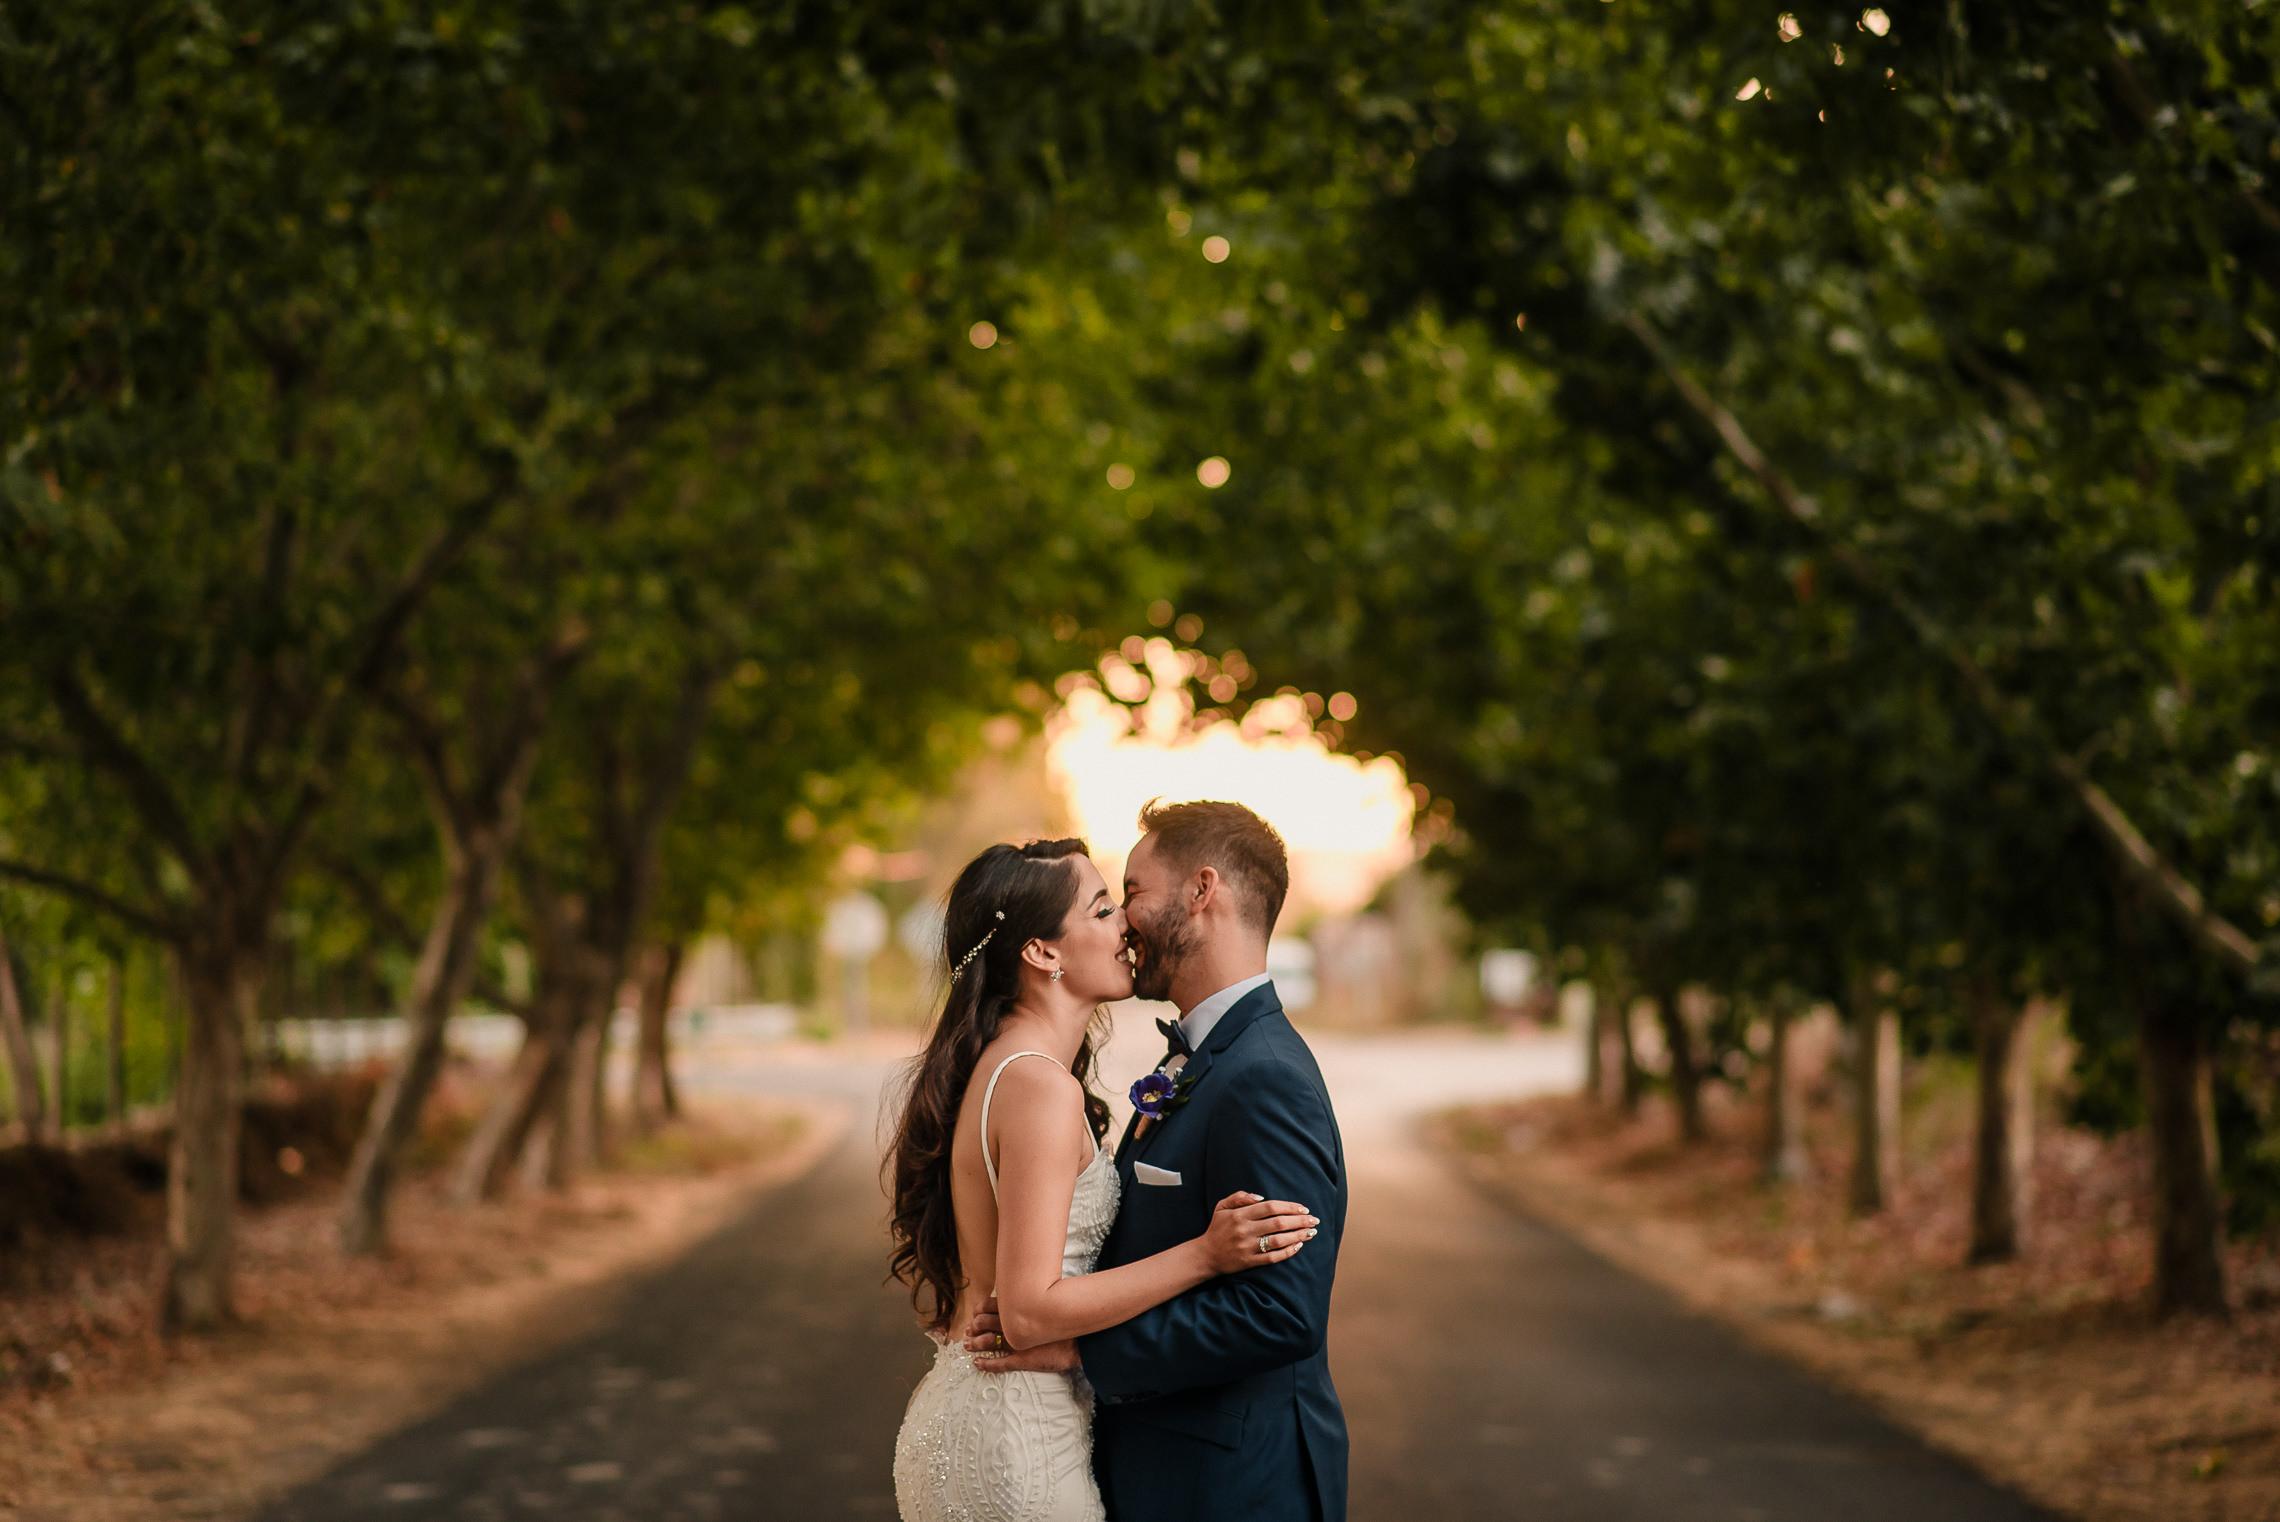 fotografo-matrimonio-chile-retratos-novios-deborah-dantzoff